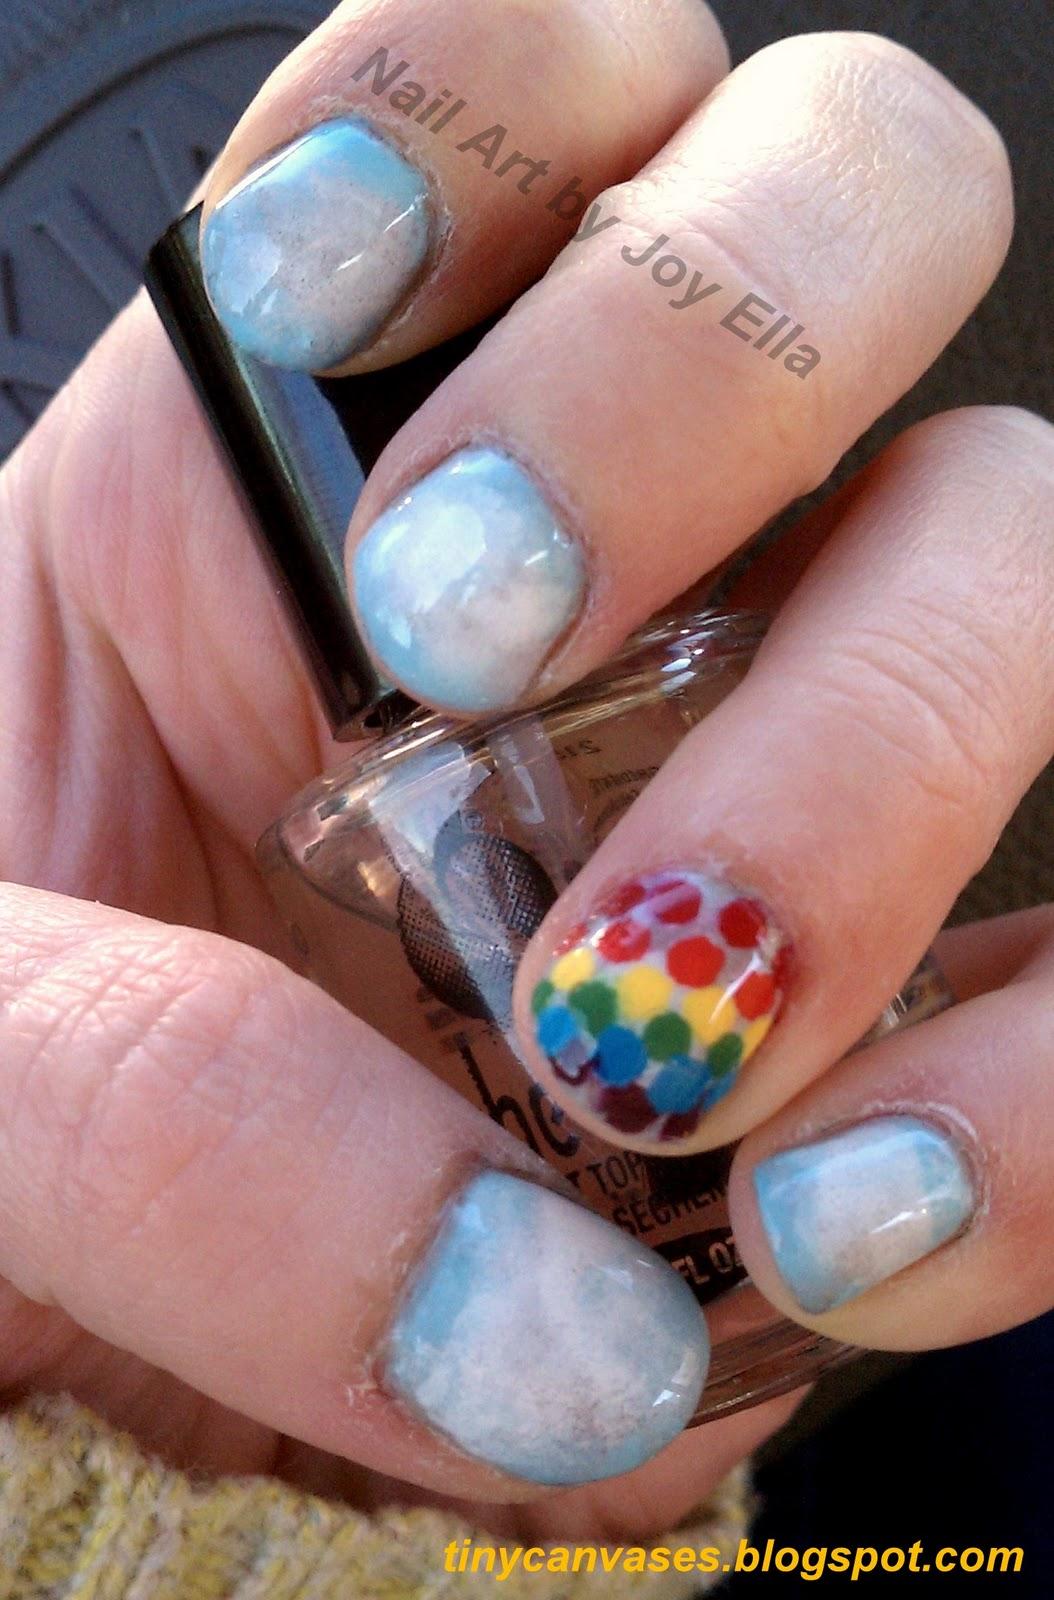 Tiny Canvases: Nail Art by Joy Ella: January 2012